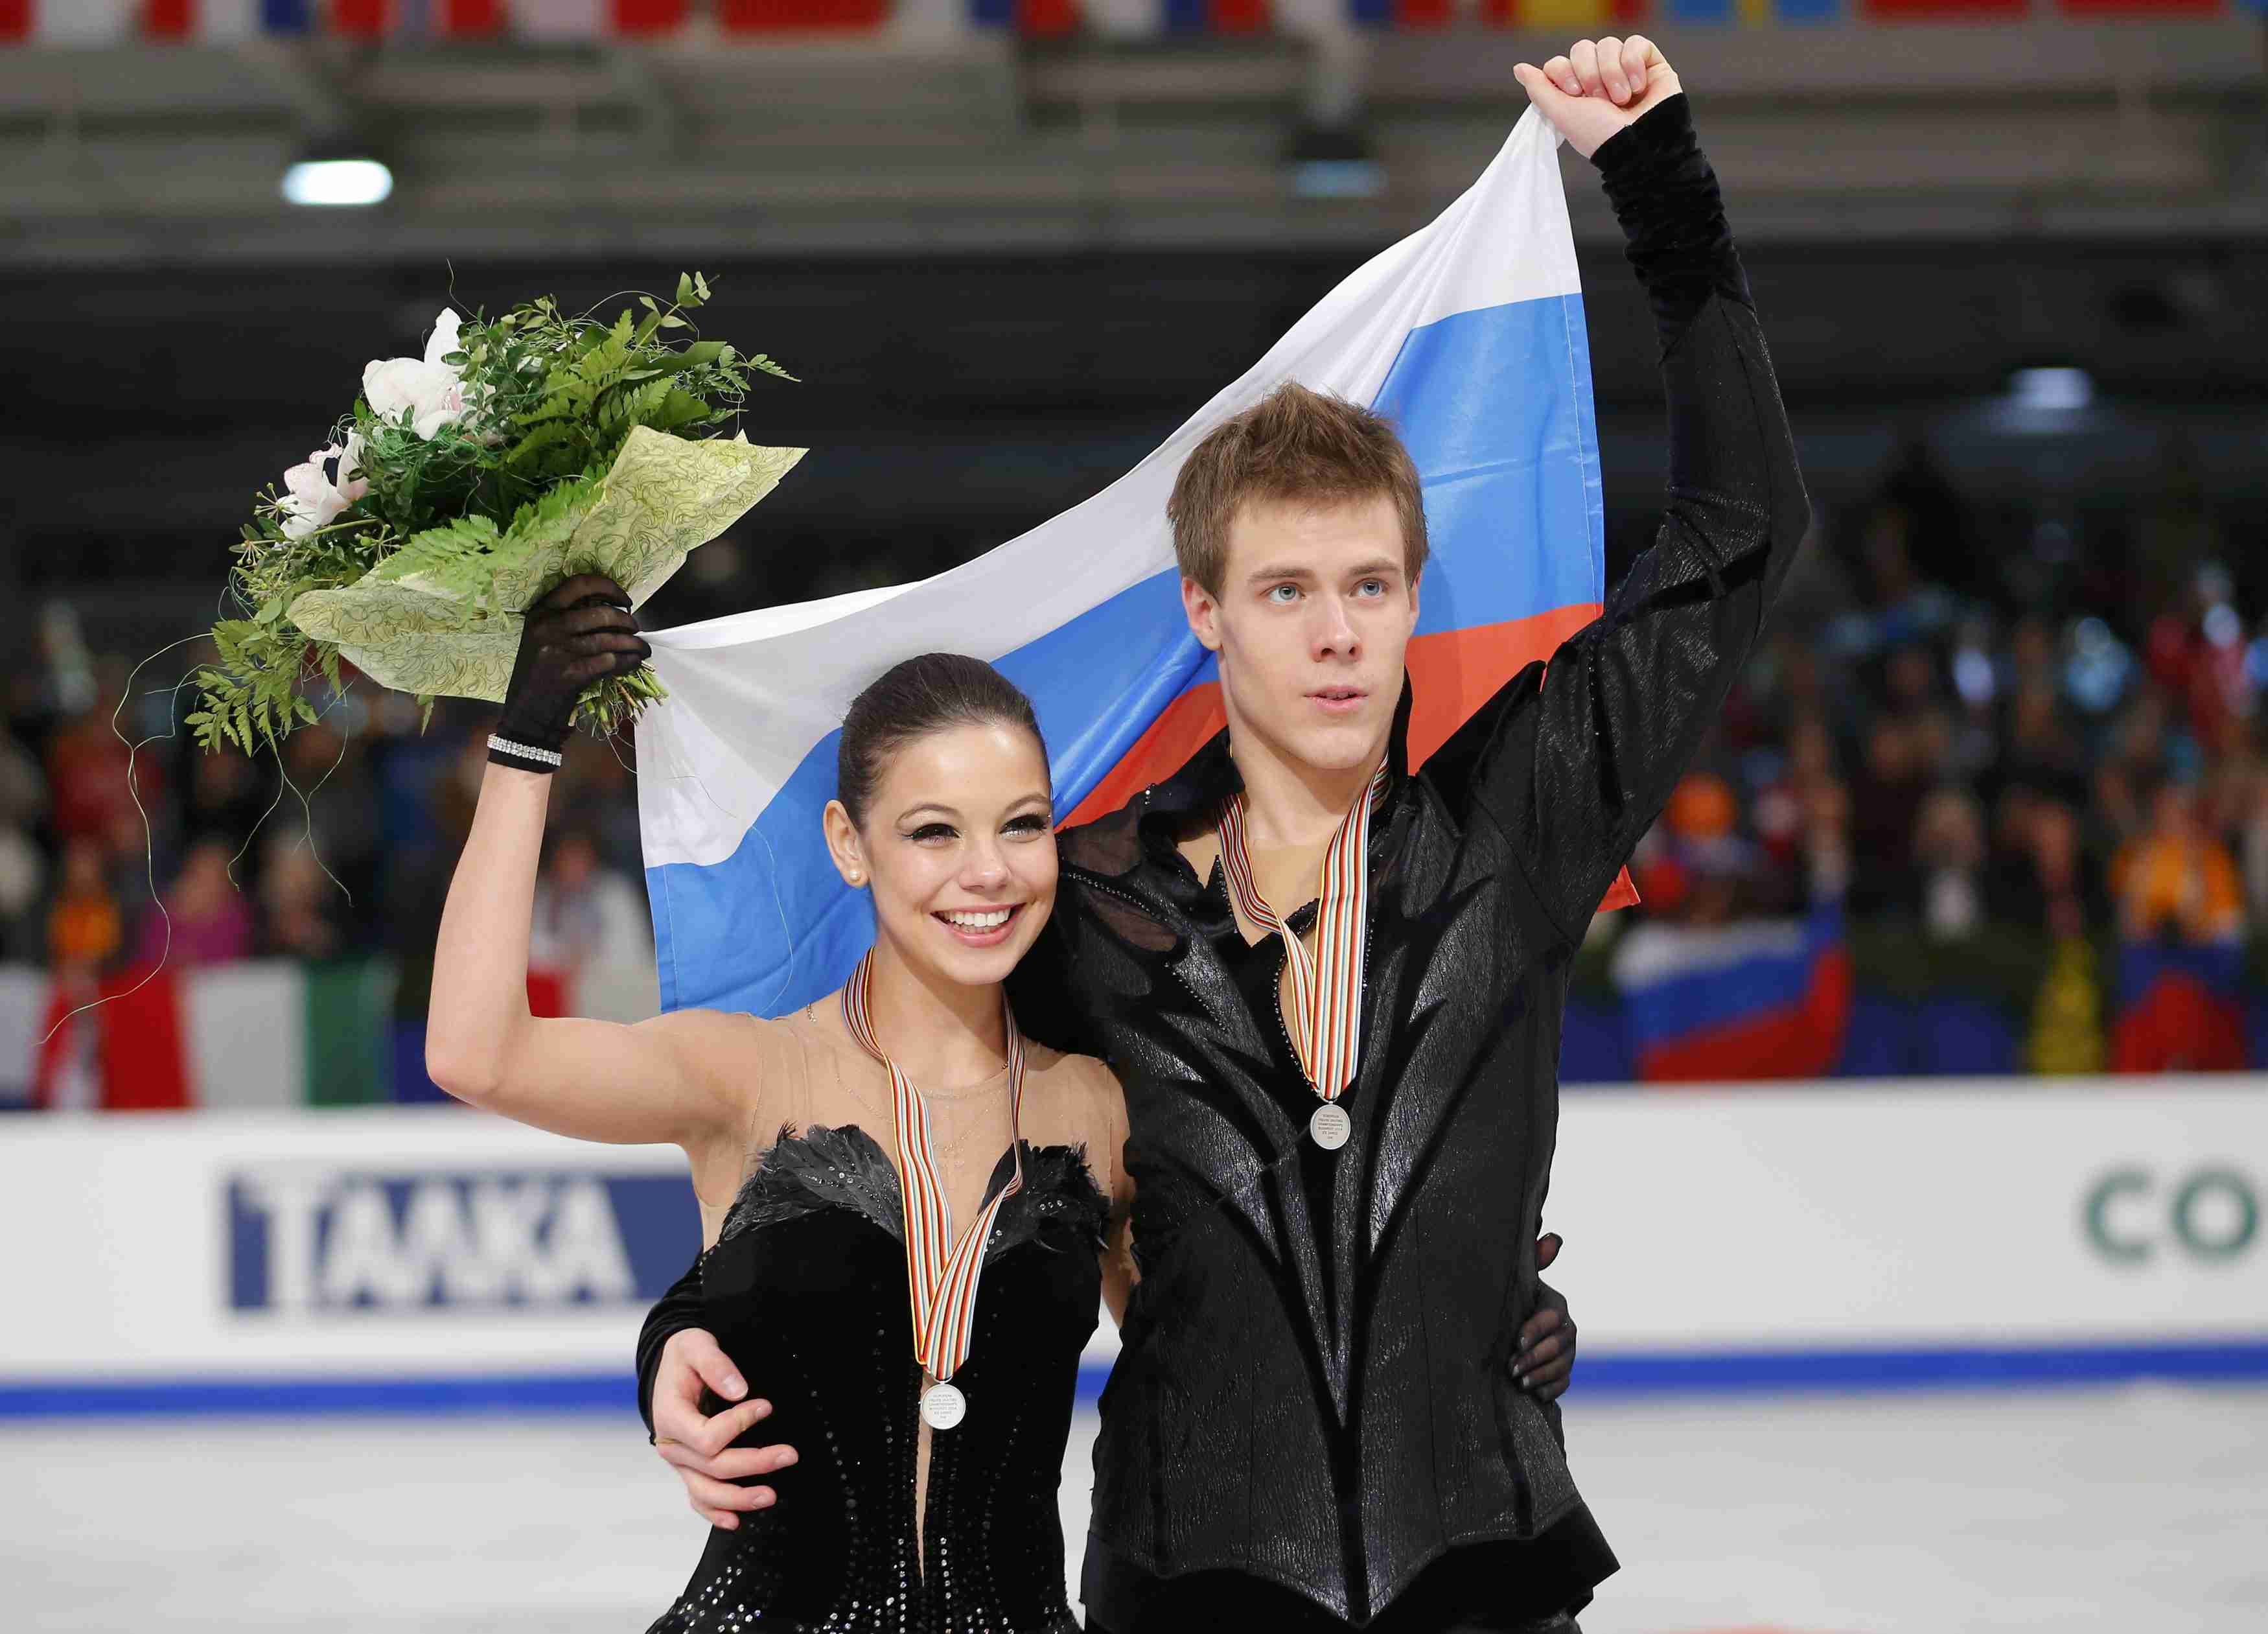 Российских катание фото и фигурное спортсменов фамилии